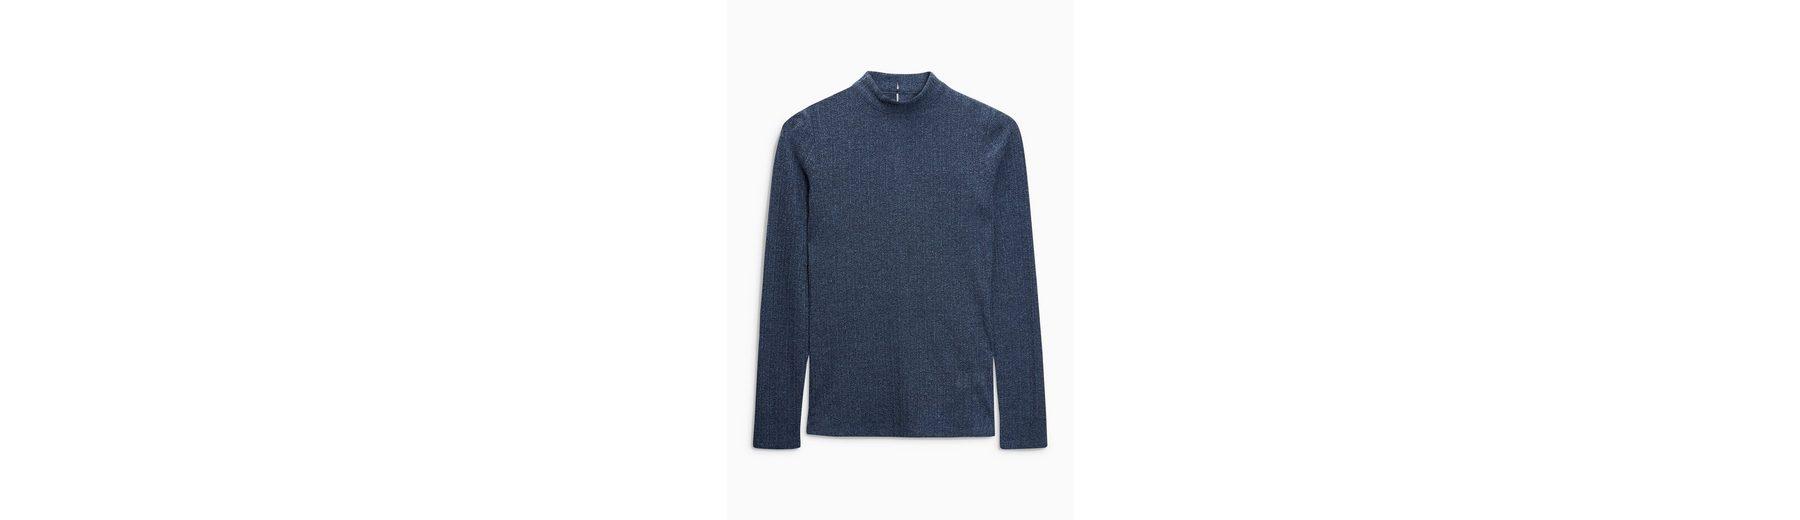 Next Langärmeliges Pointelle-Shirt Verkauf Niedriger Versand Perfekt Professioneller Günstiger Preis Neueste Preiswerte Online Niedrigster Preis Verkauf Online VLyhxj61